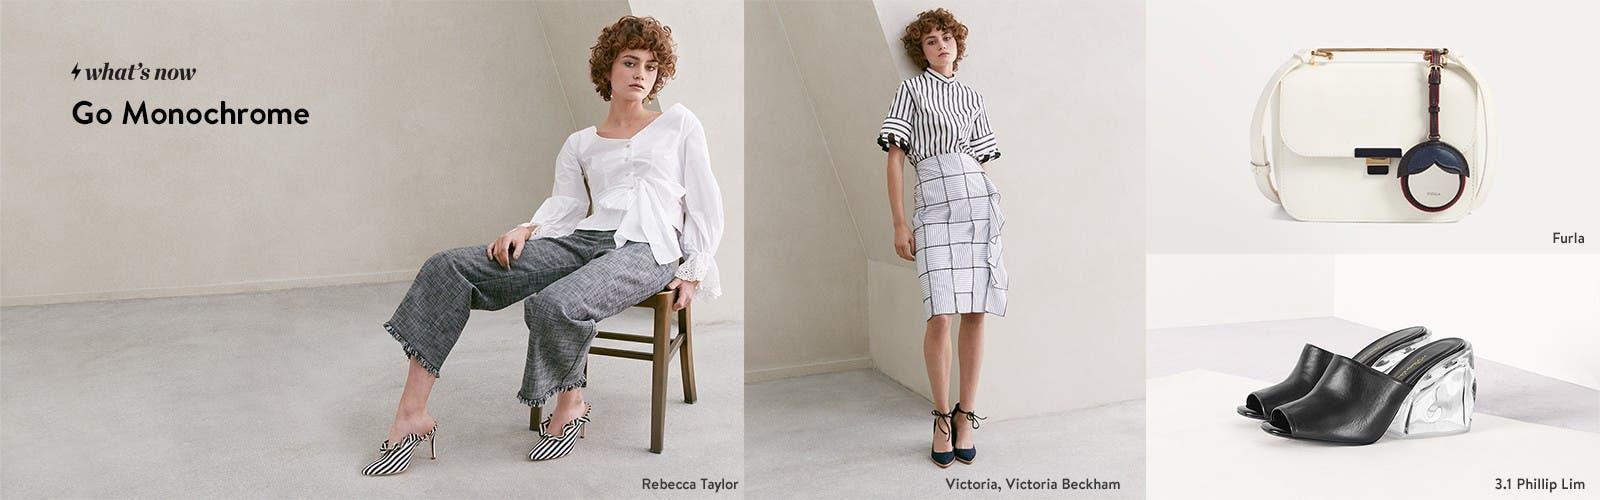 Go monochrome: women's contemporary apparel.